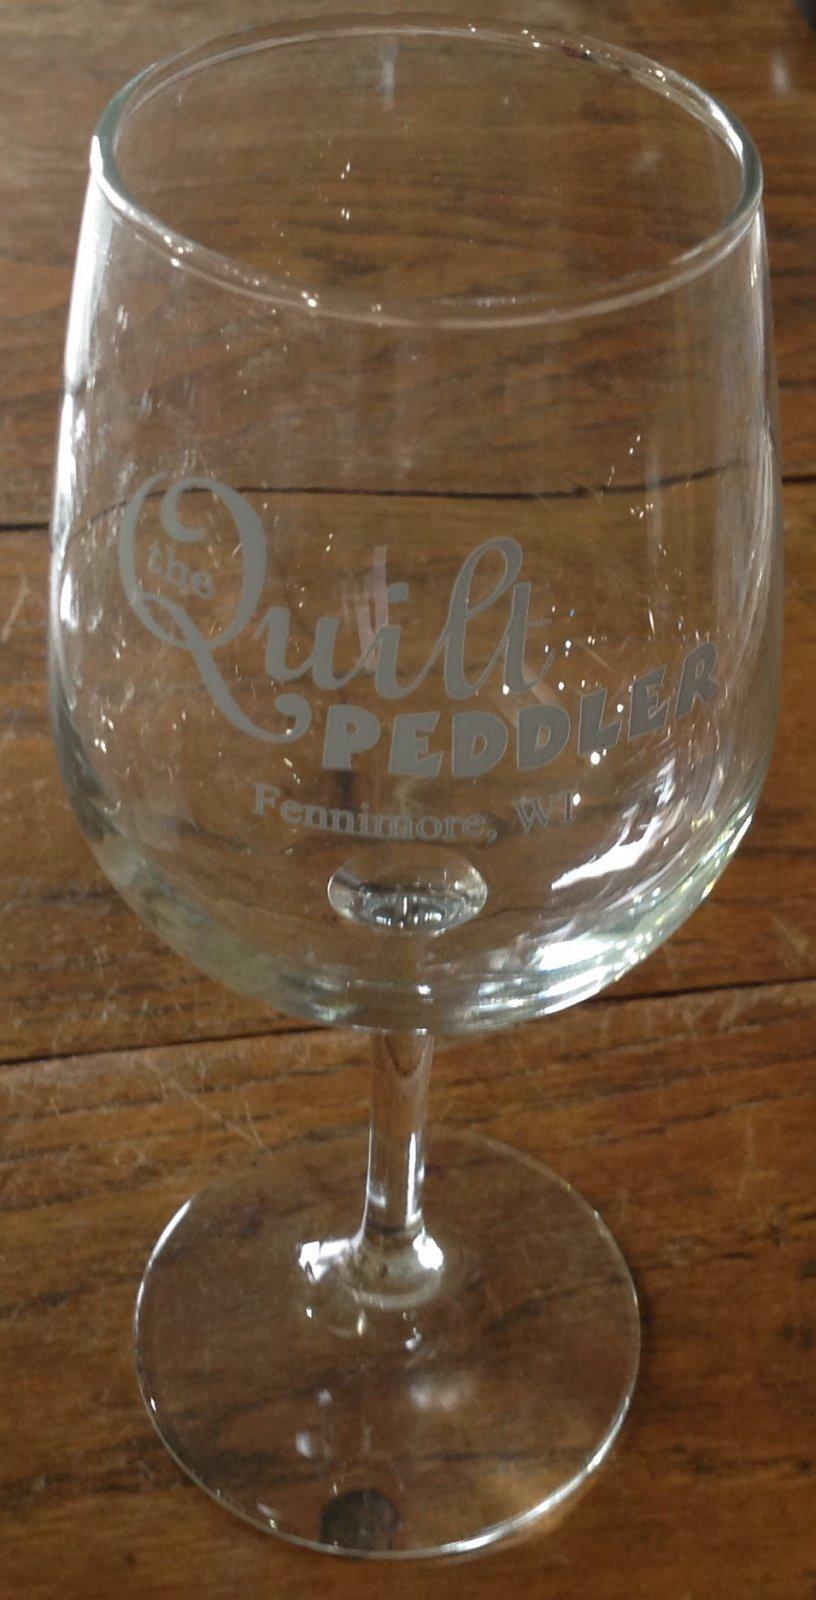 Wine Glass Quilt Peddler